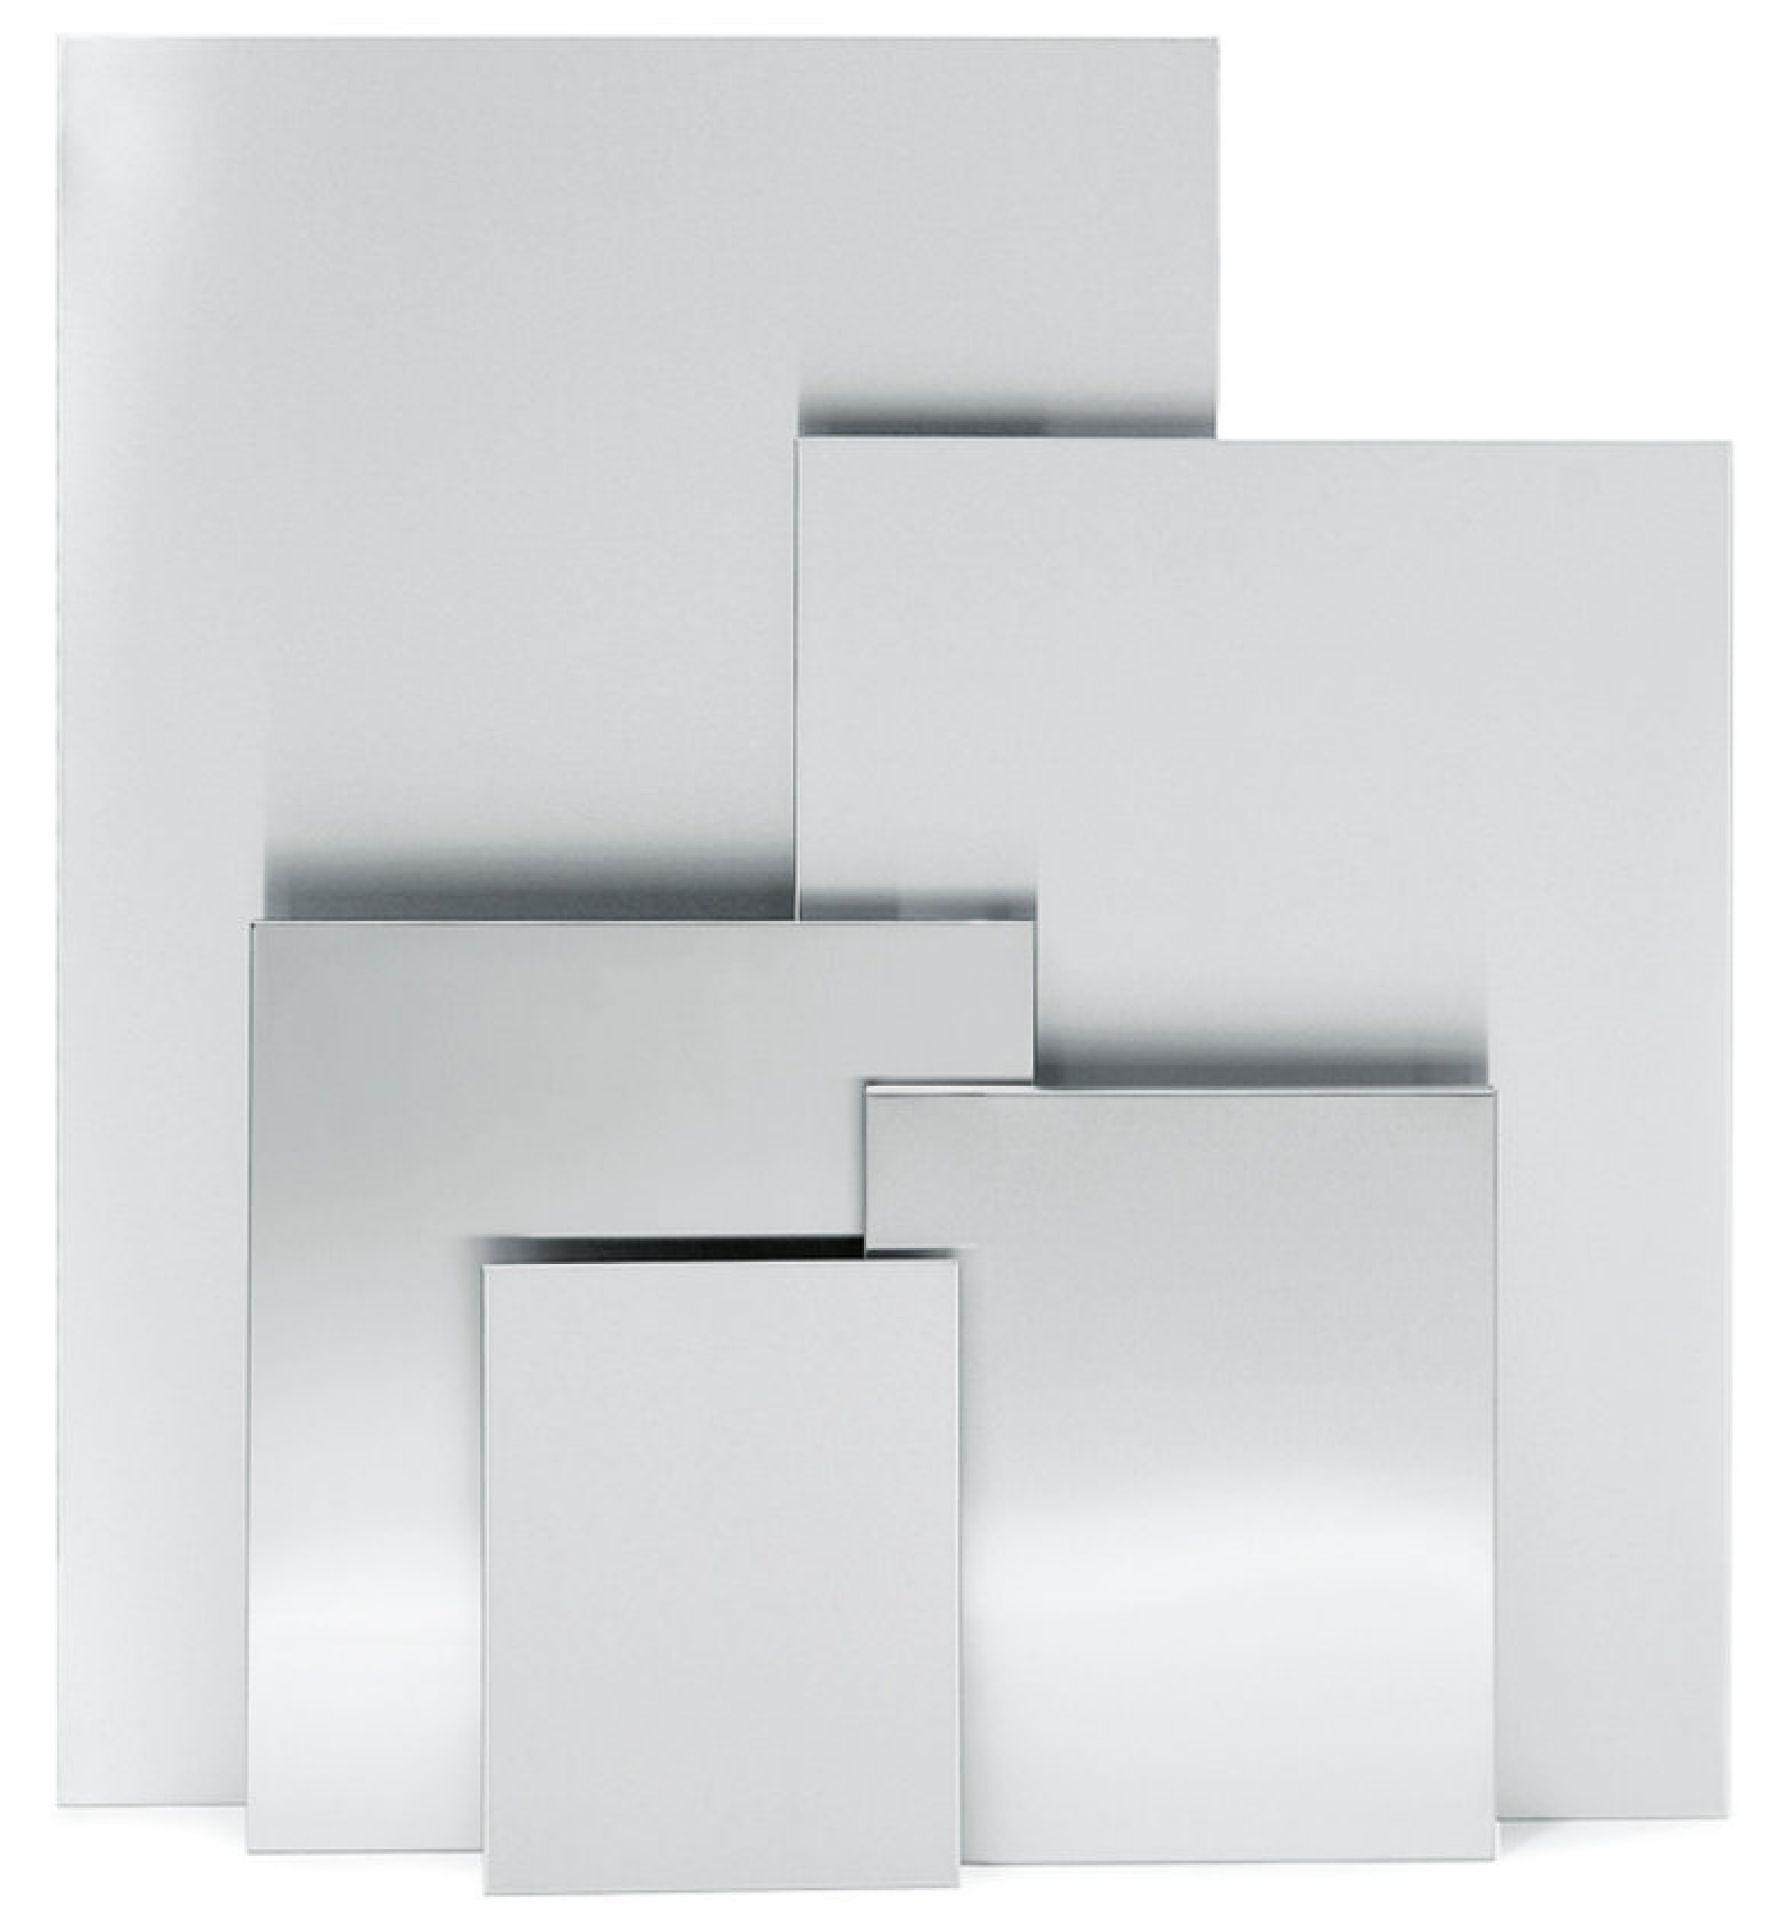 Muro Magnettafel von Blomus